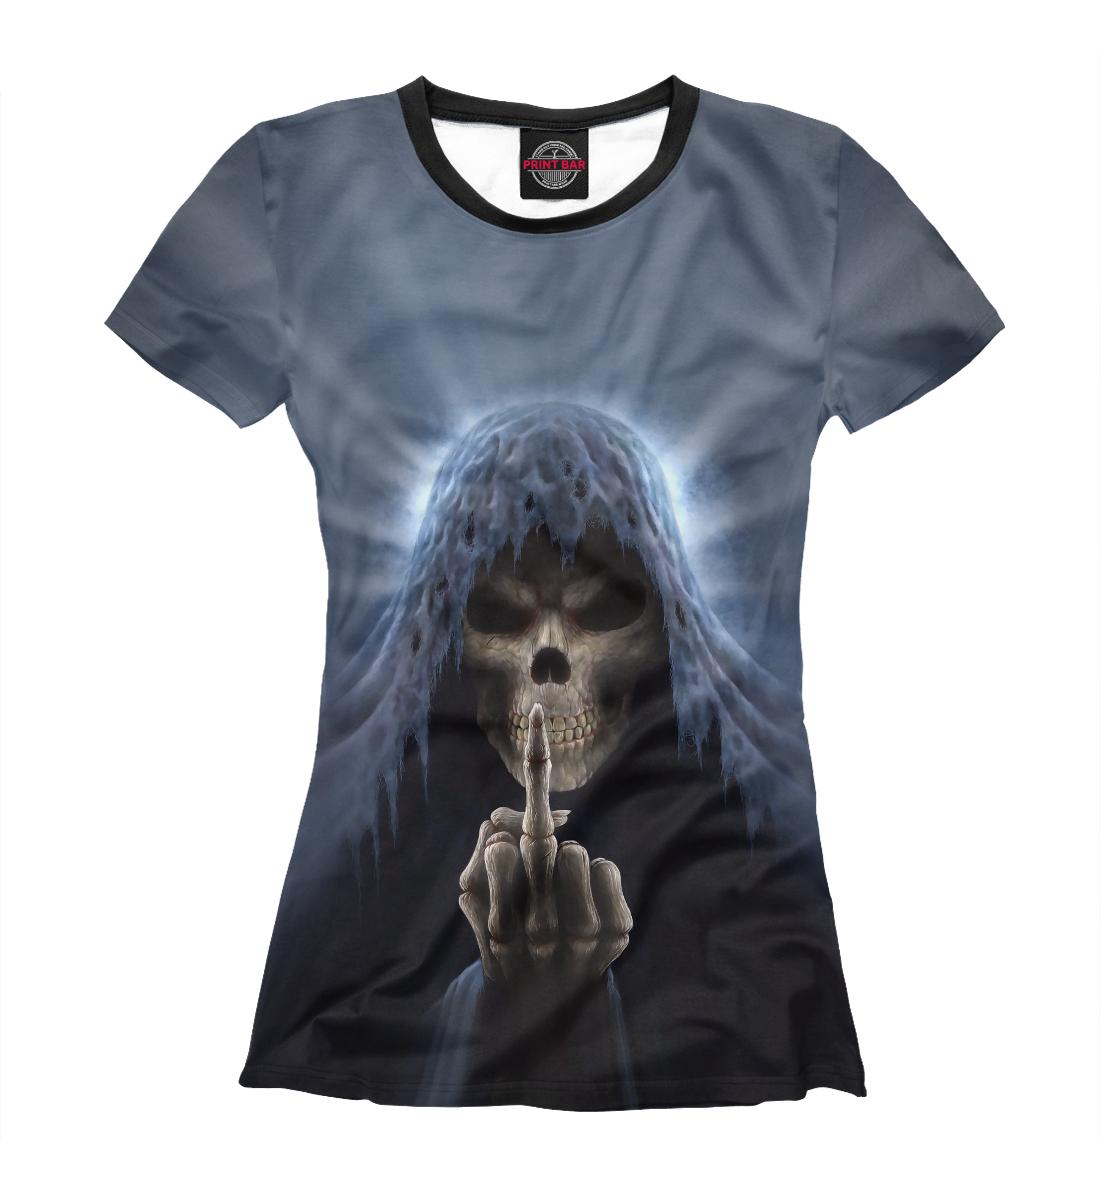 Купить Смерть показывает палец, Printbar, Футболки, SKU-330039-fut-1